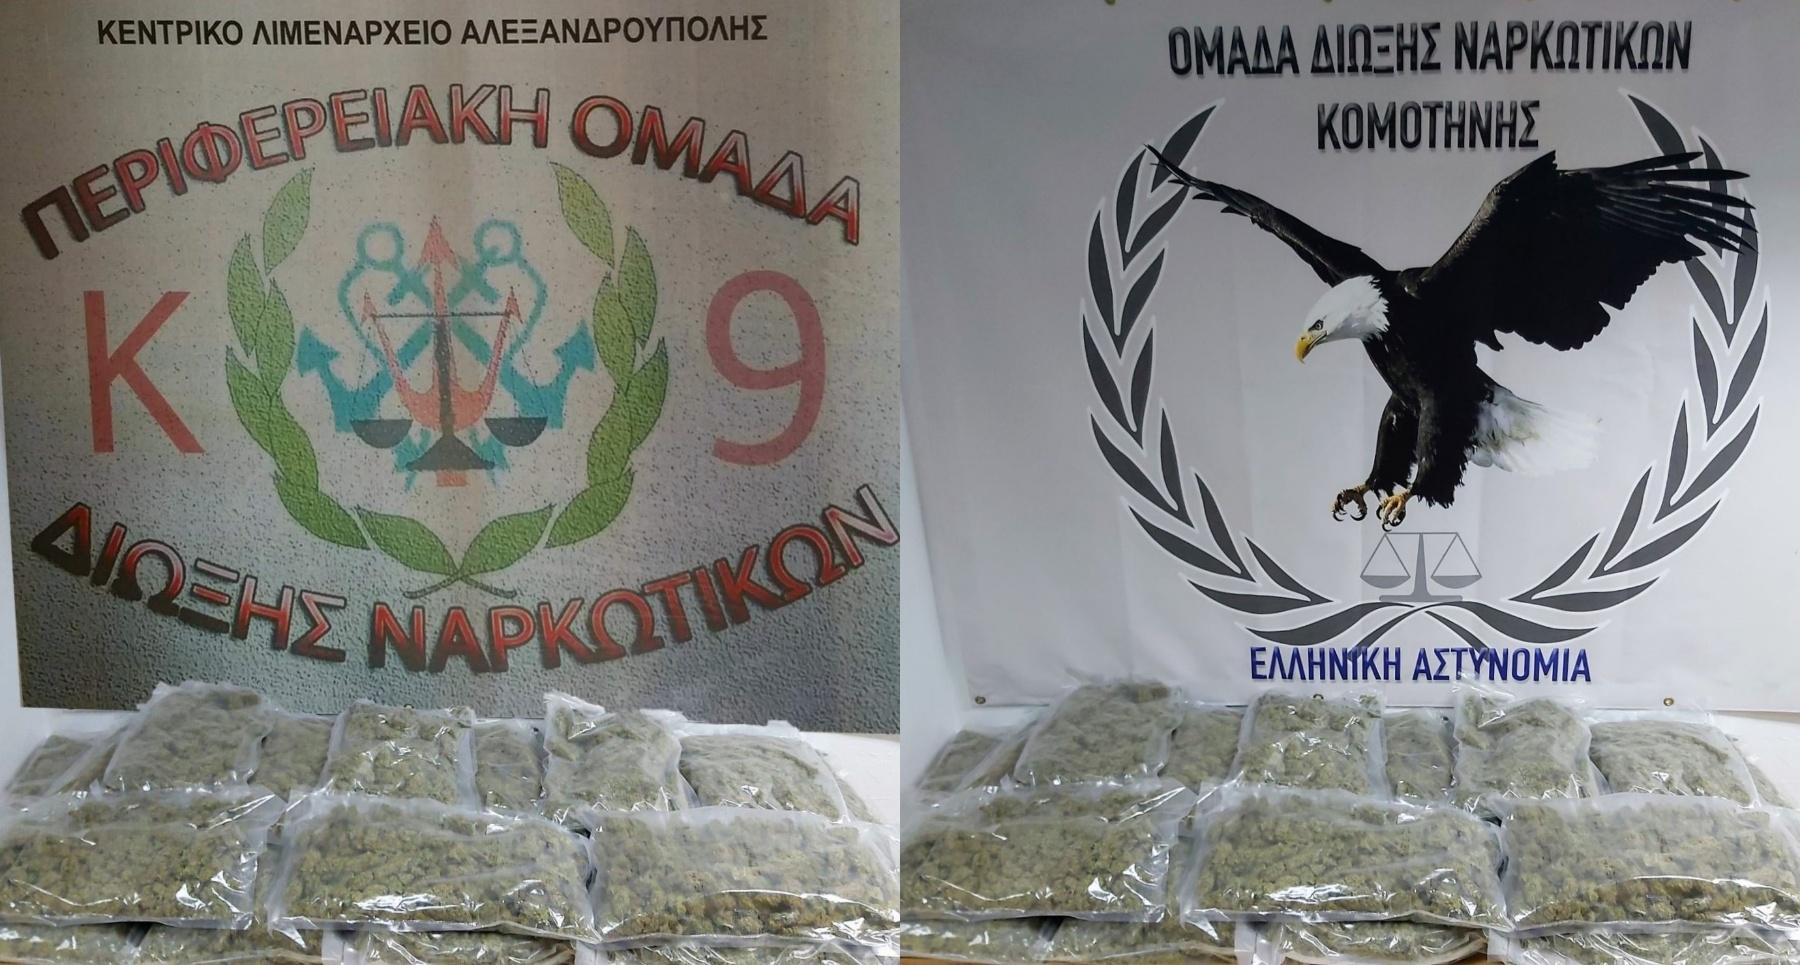 Συνελήφθησαν κατά τη διάρκεια οργανωμένης επιχείρησης δύο αλλοδαποί για διακίνηση ναρκωτικών